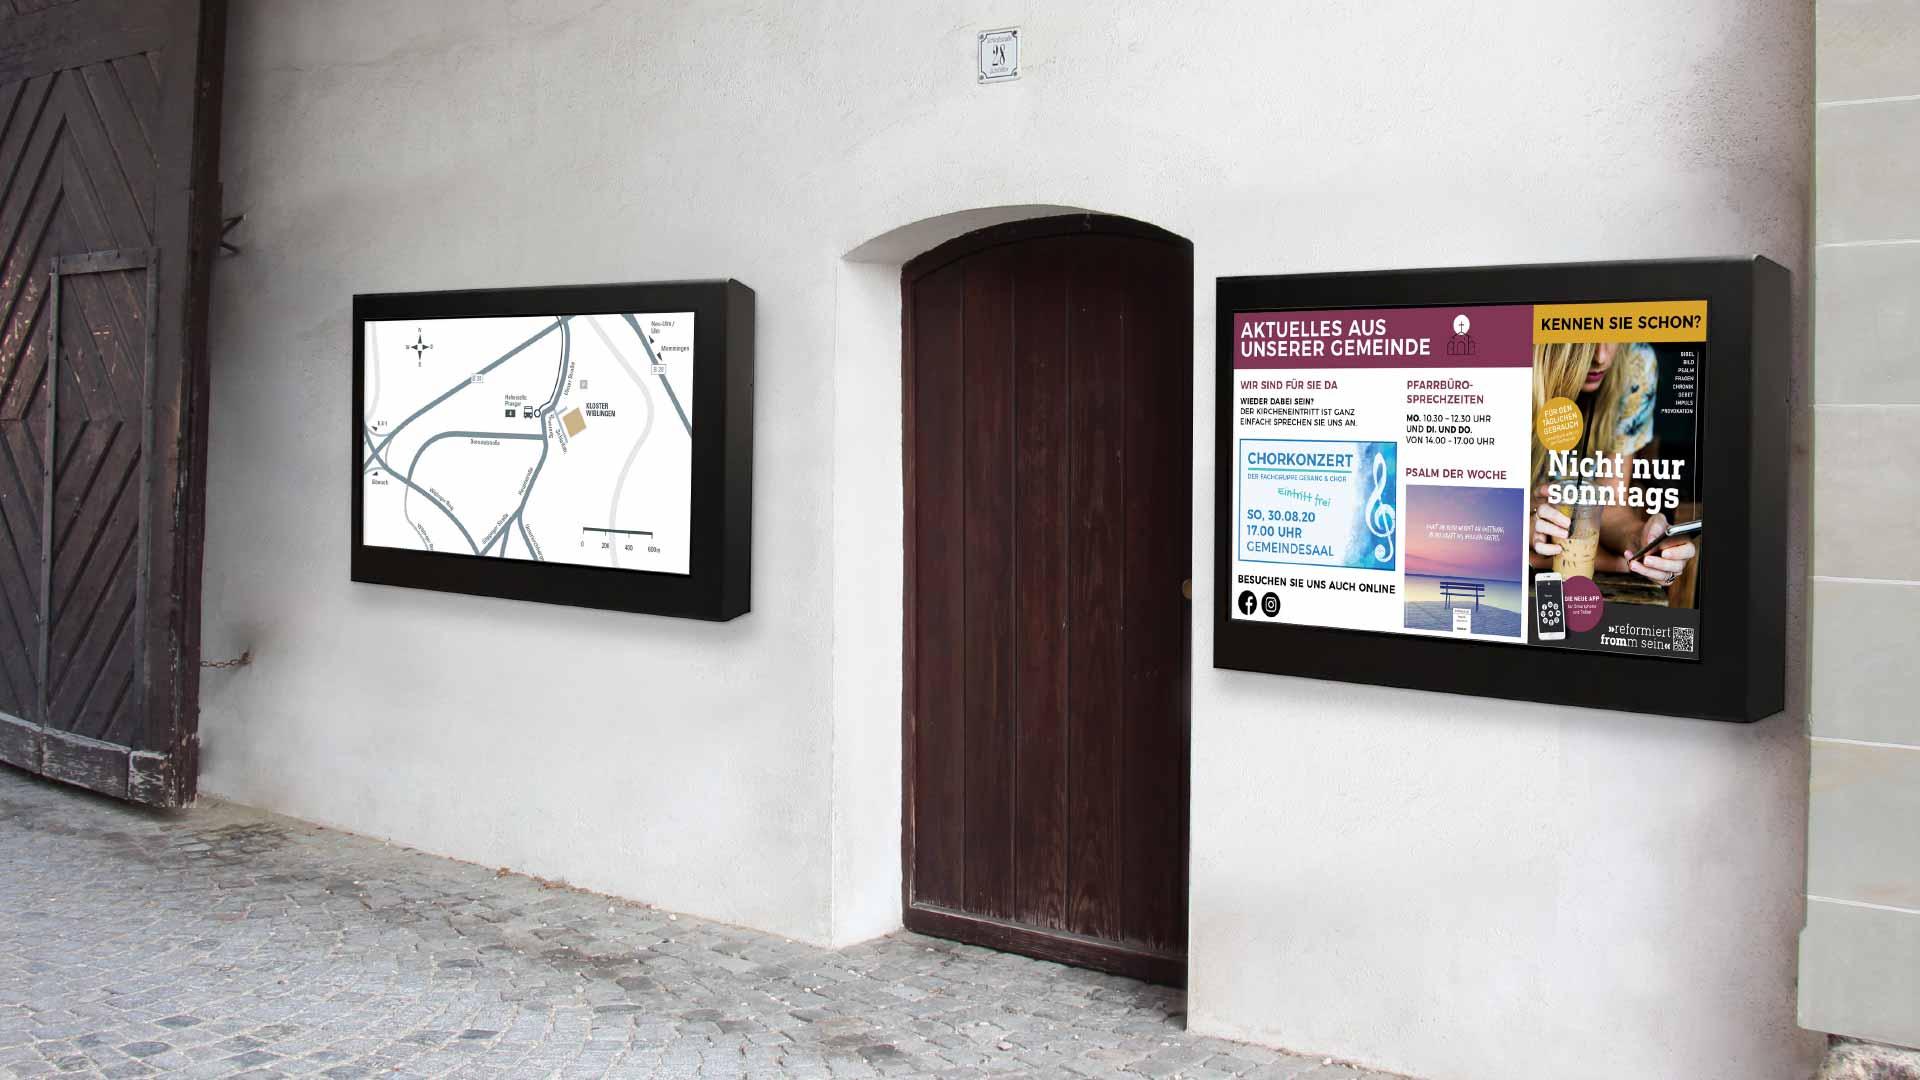 Digital Signage in einer Kirche